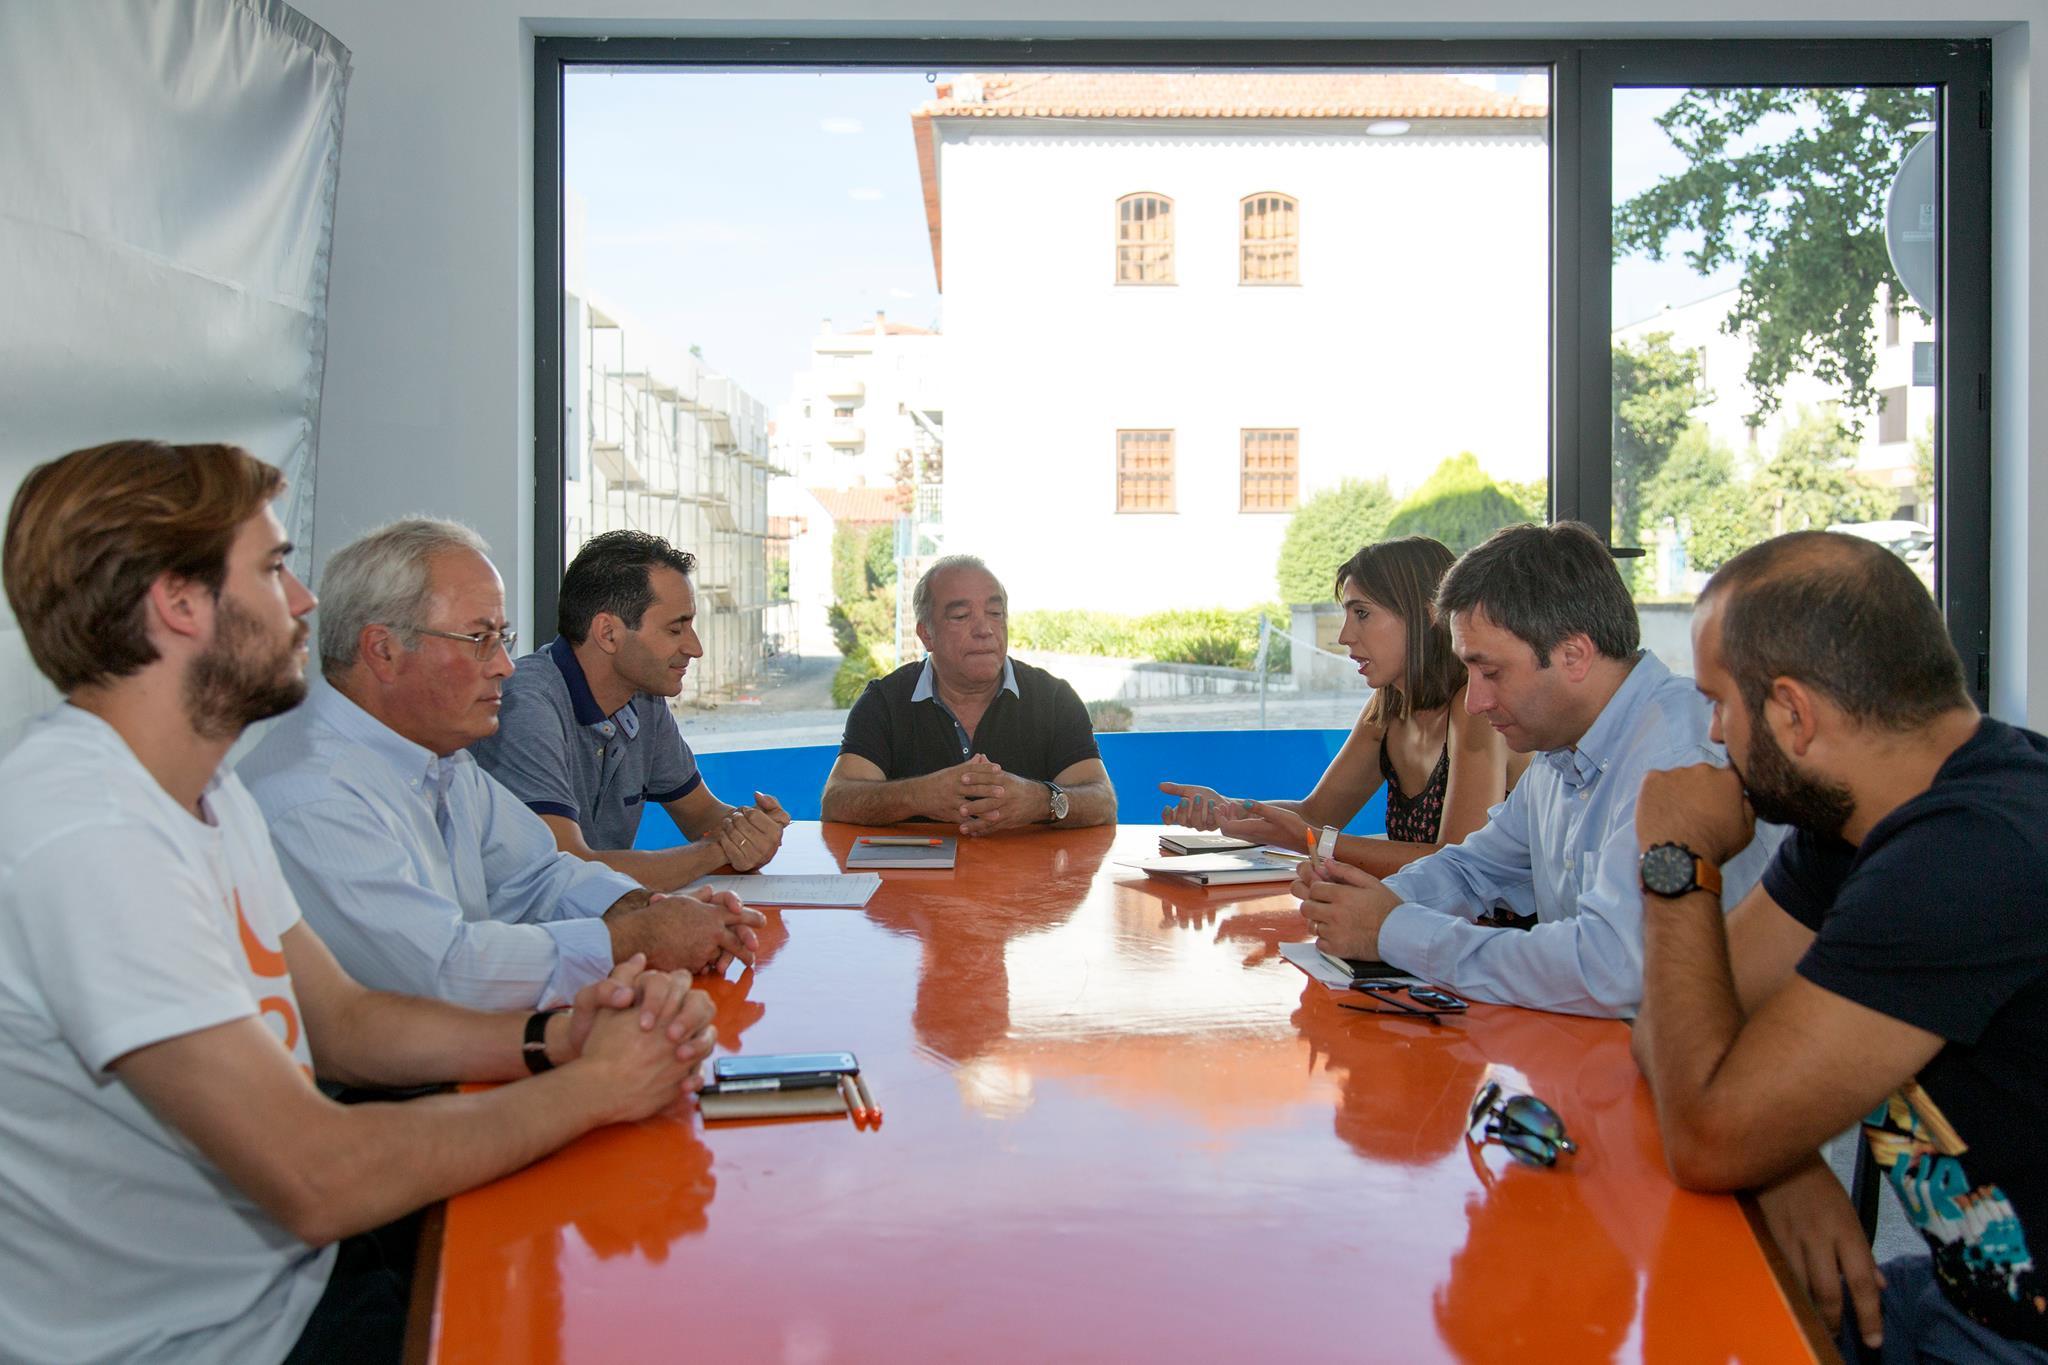 Fernando Mendes promete criar condições para fixar os jovens em Arouca